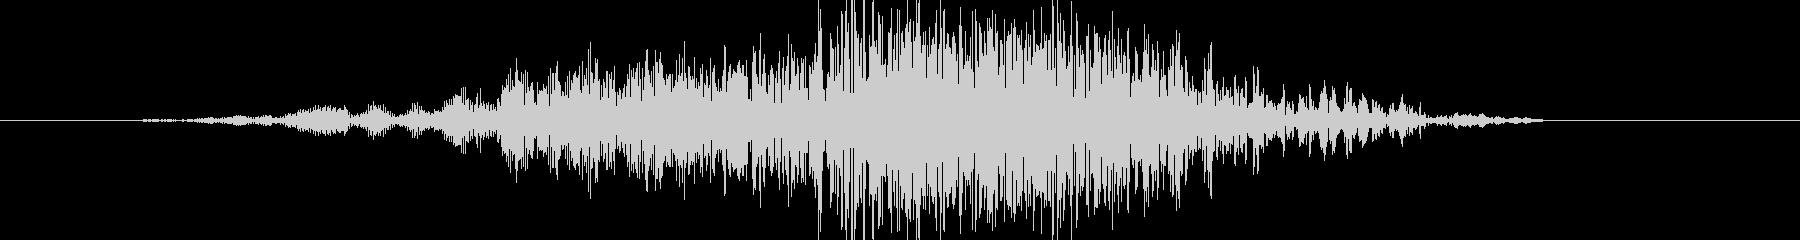 ヒューマノイド 魚人の樹皮04の未再生の波形